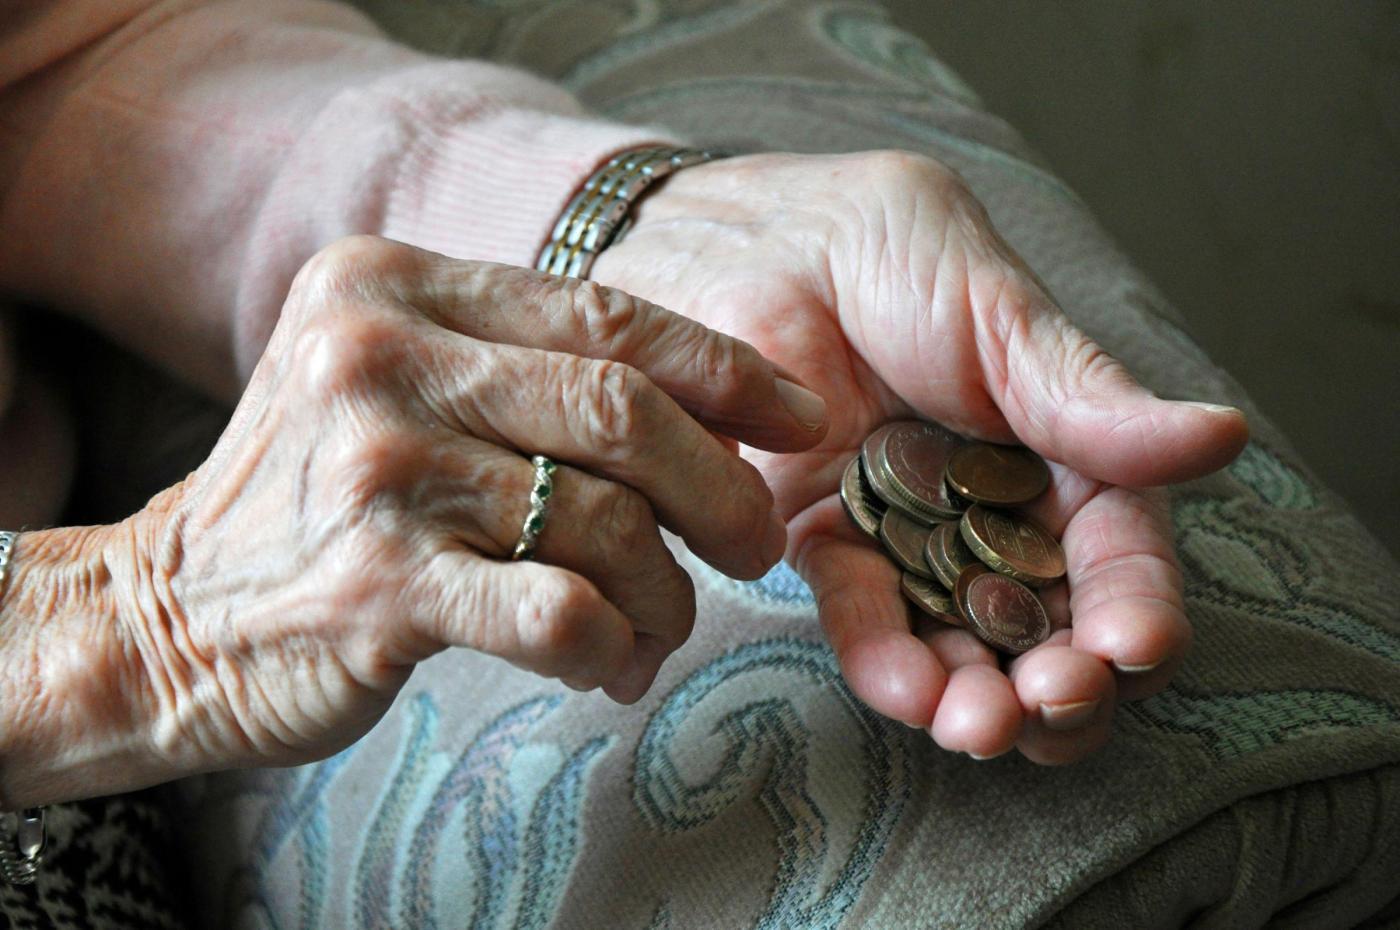 Pensioni 14esima 2018 fino a 655 euro: a chi spetta l'assegno aggiuntivo INPS a luglio